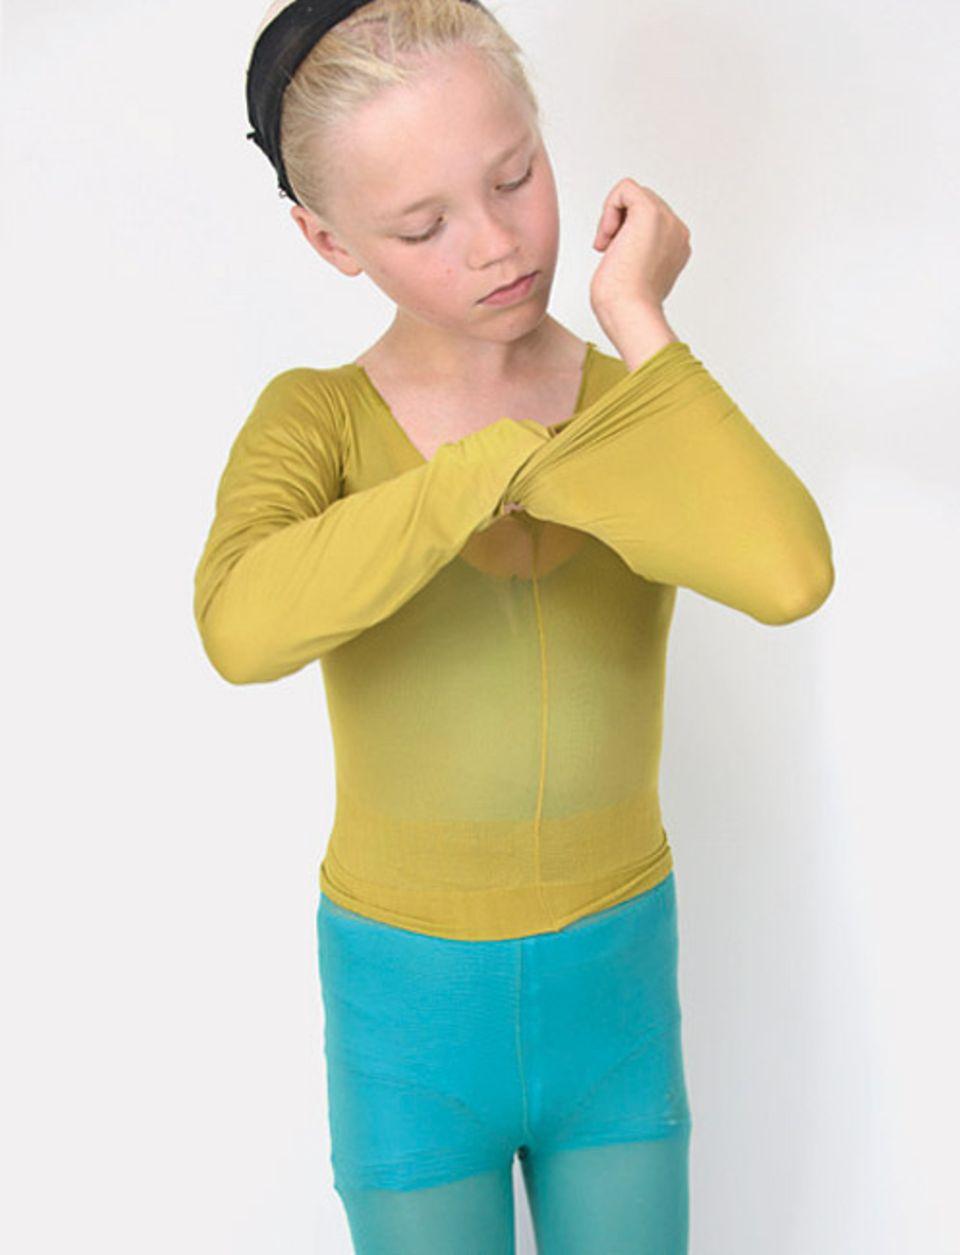 Kostüm: Verkleidungstipp: Elfenkostüm